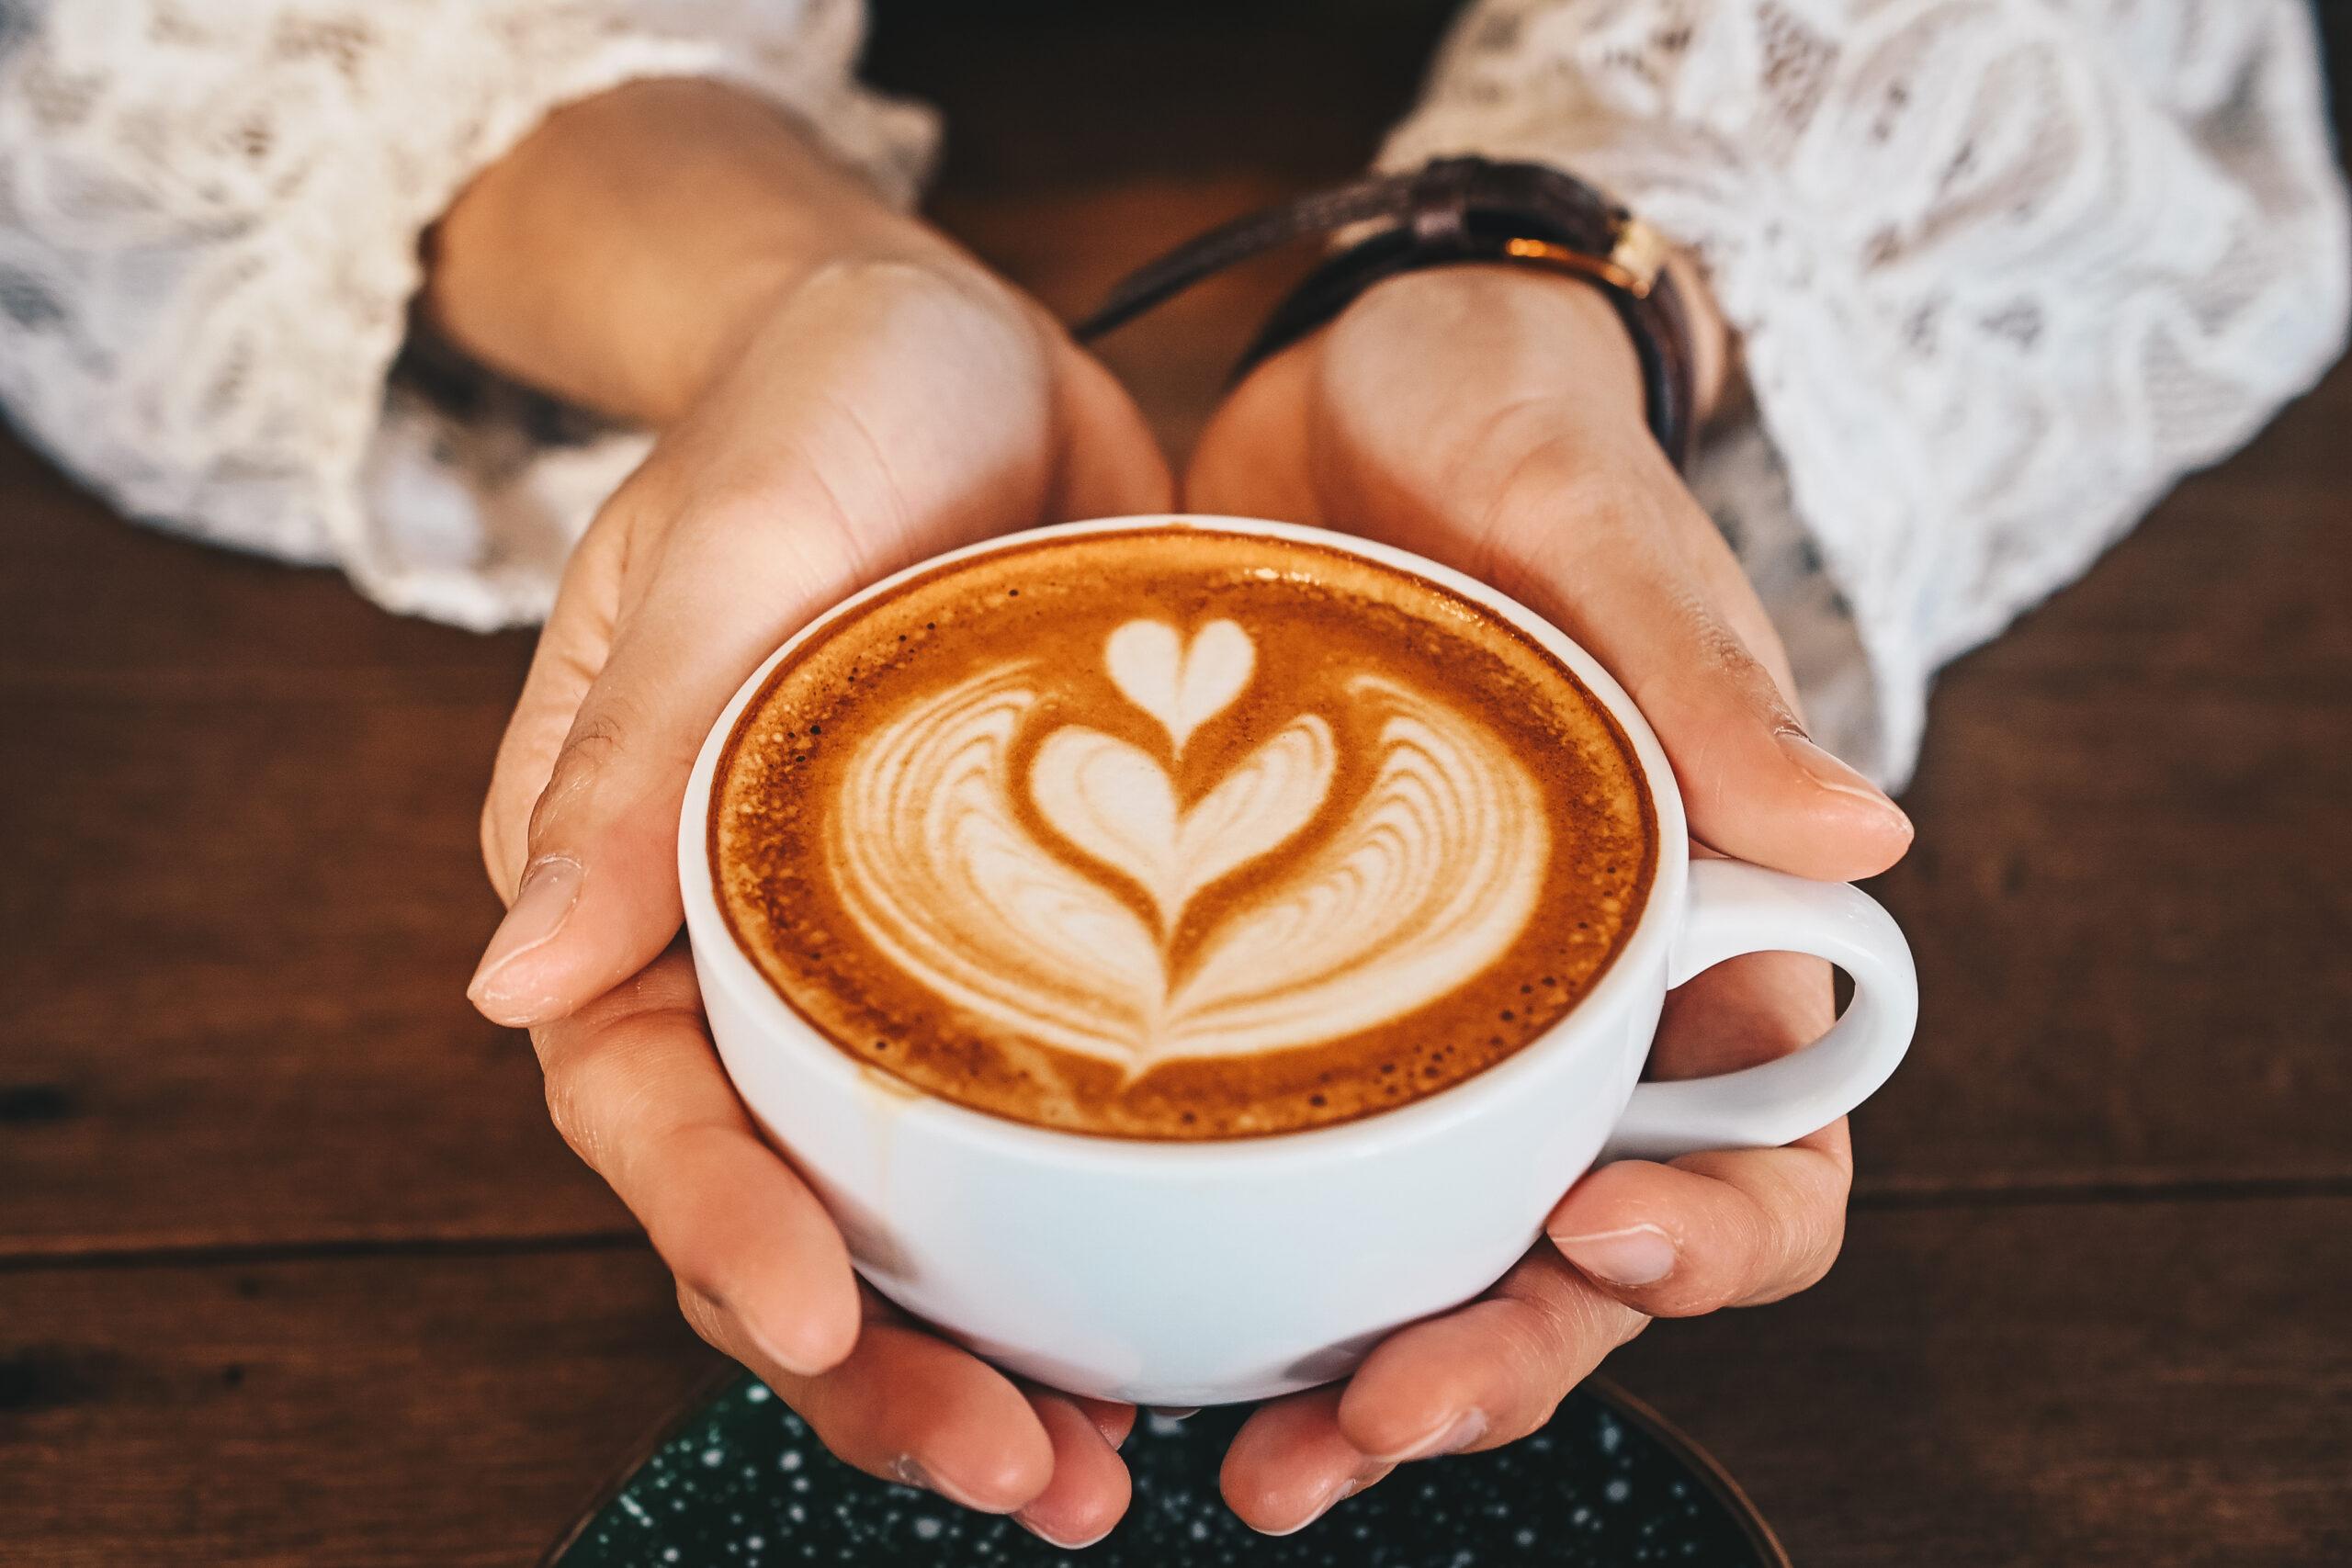 Skäl till att välja ekologiskt kaffe